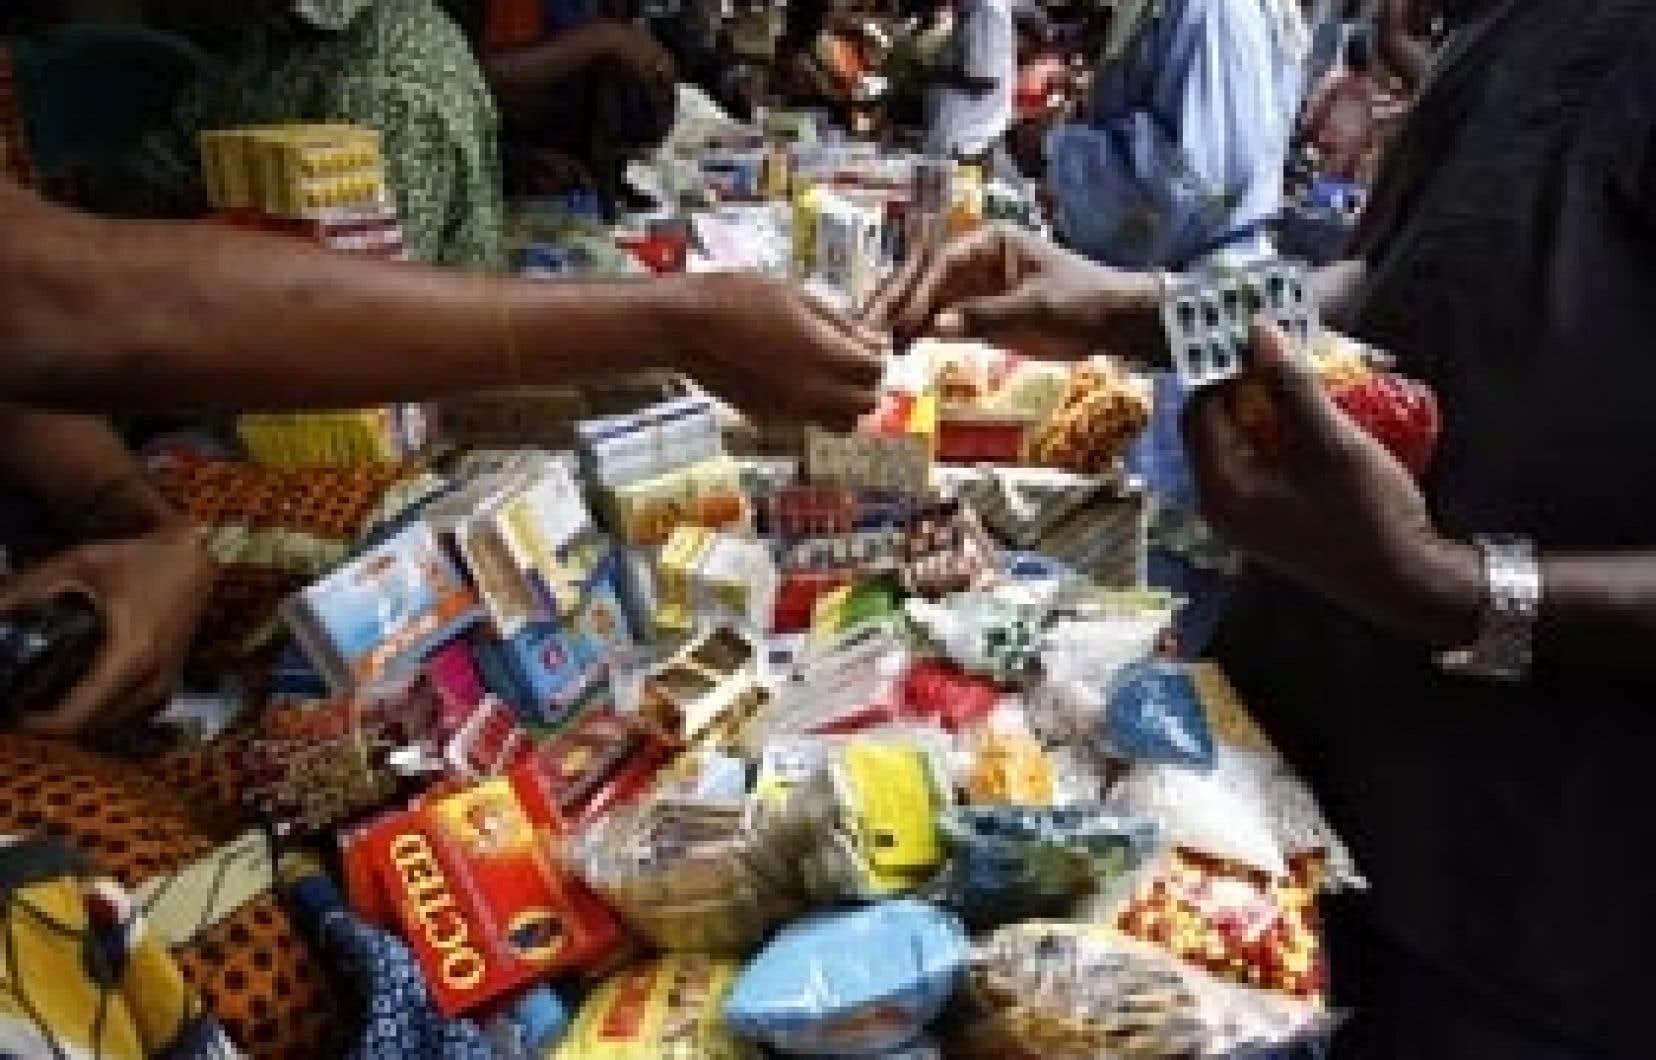 Vente de médicaments contrefaits dans un marché d'Abidjan, en Côte d'Ivoire. Le Canada a été le premier pays à adopter une loi promettant d'offrir des médicaments génériques à prix abordable en Afrique et dans les pays pauvres, mais l'i